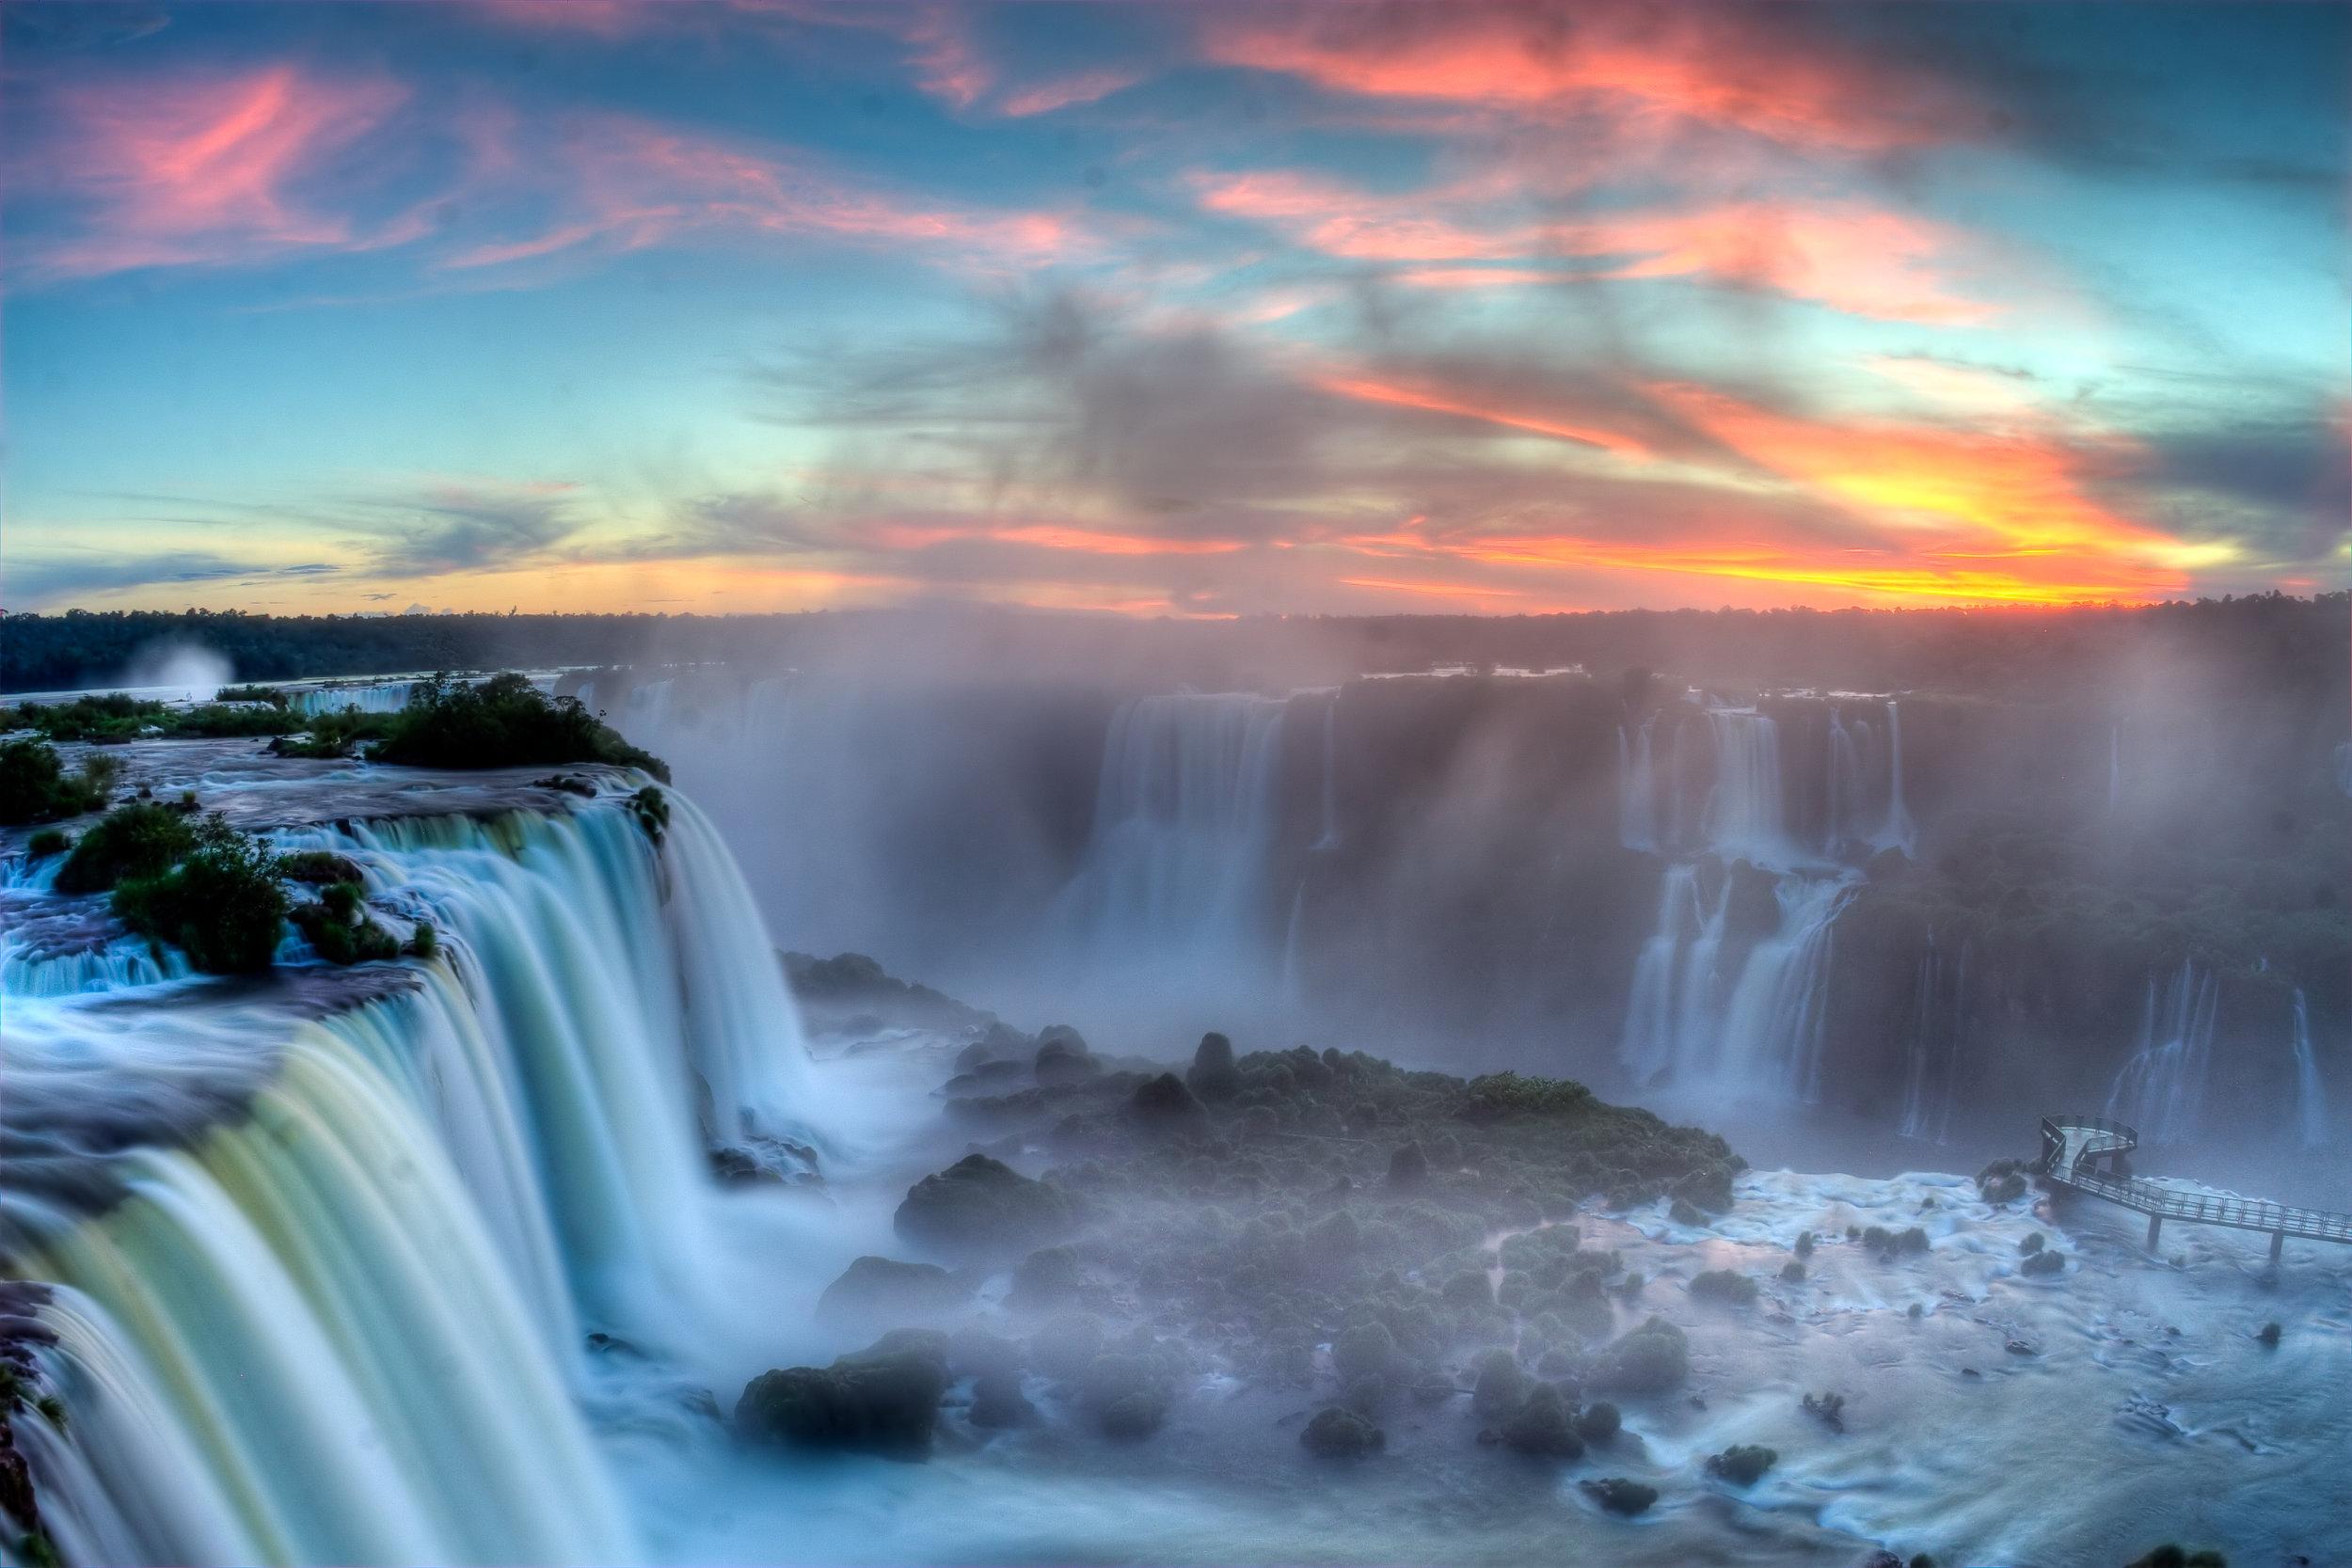 Again, Google Photos to the rescue --Foz do Iguaçu - Brazil / Paraguay